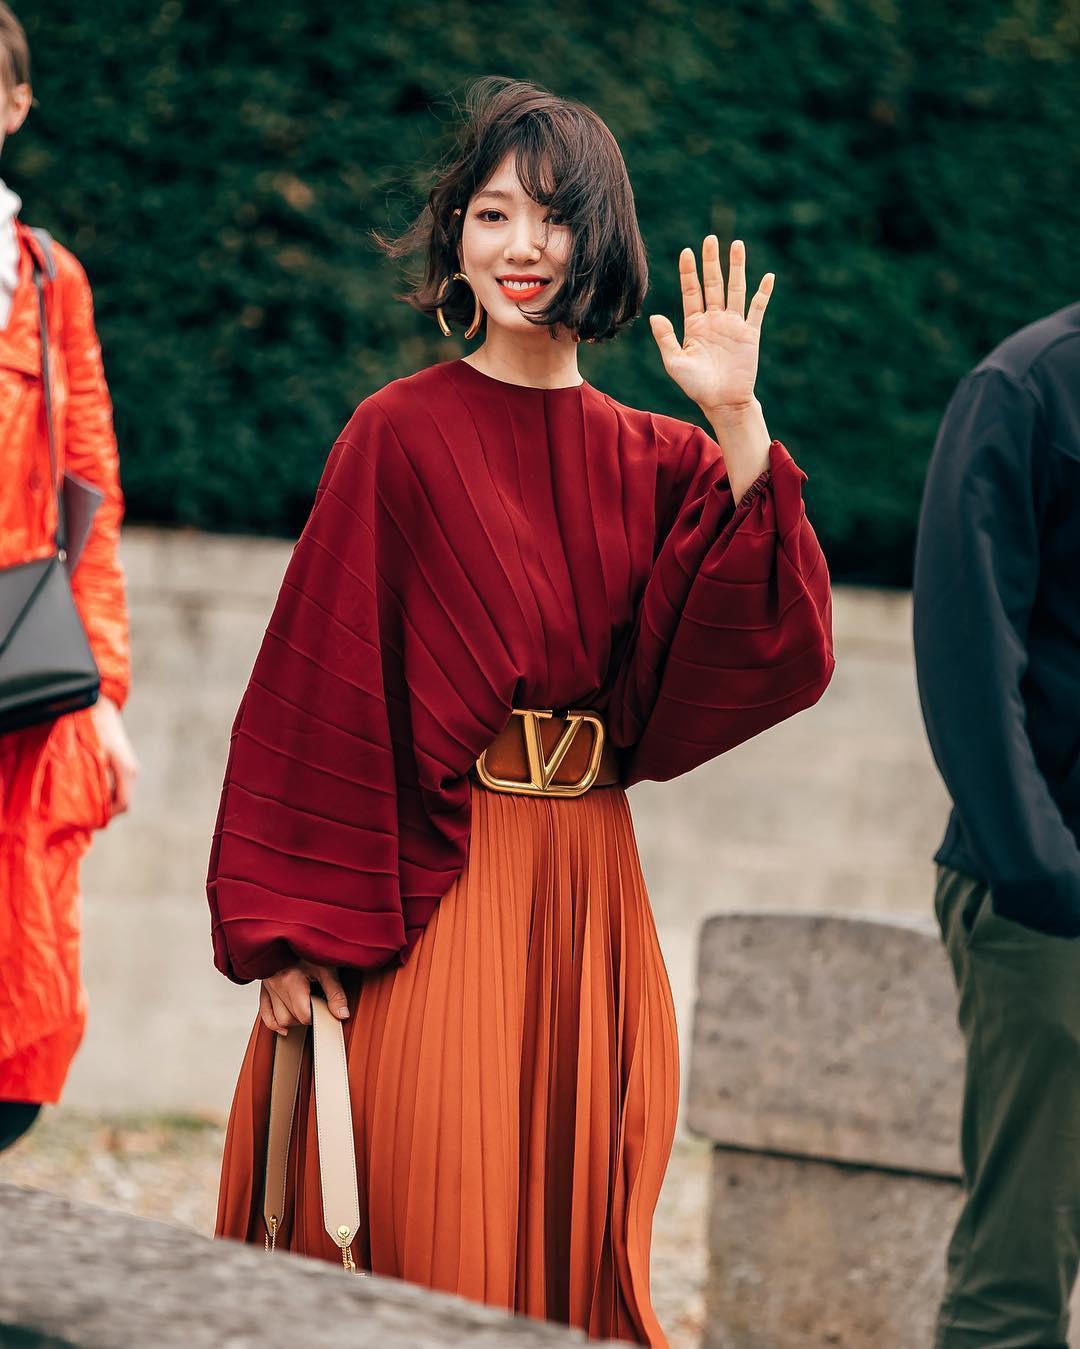 phong cách thời trang tại tuần lễ thời trang Park shin hye 6